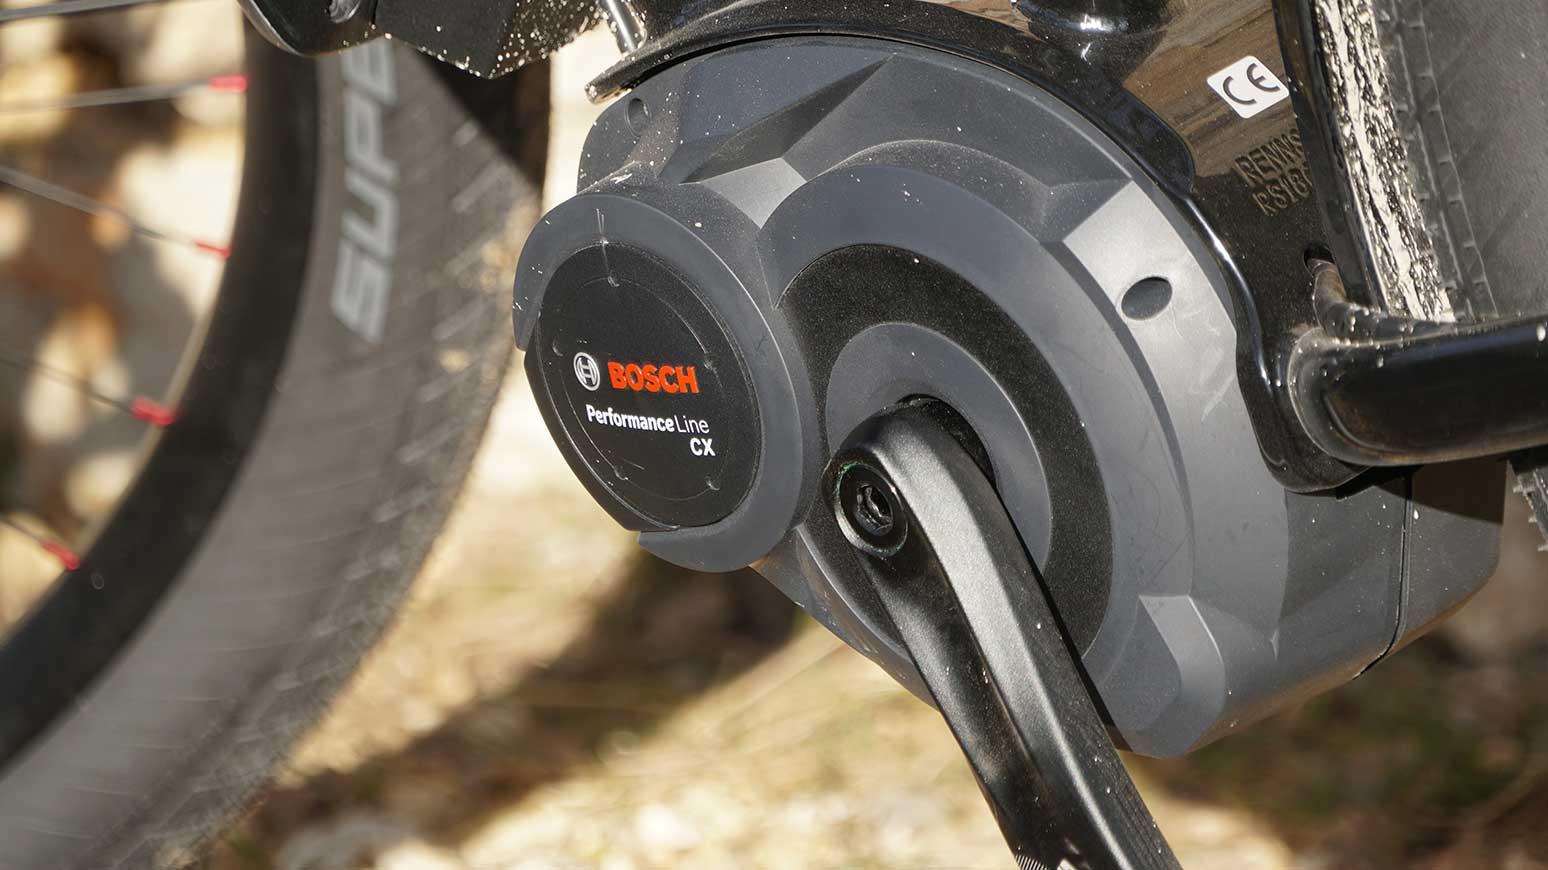 Ordentlich Schub, gut bei hoher Beladung, E-MTB Modus inklusive: der Bosch Performance CX mit max. 75 Nm Drehmoment